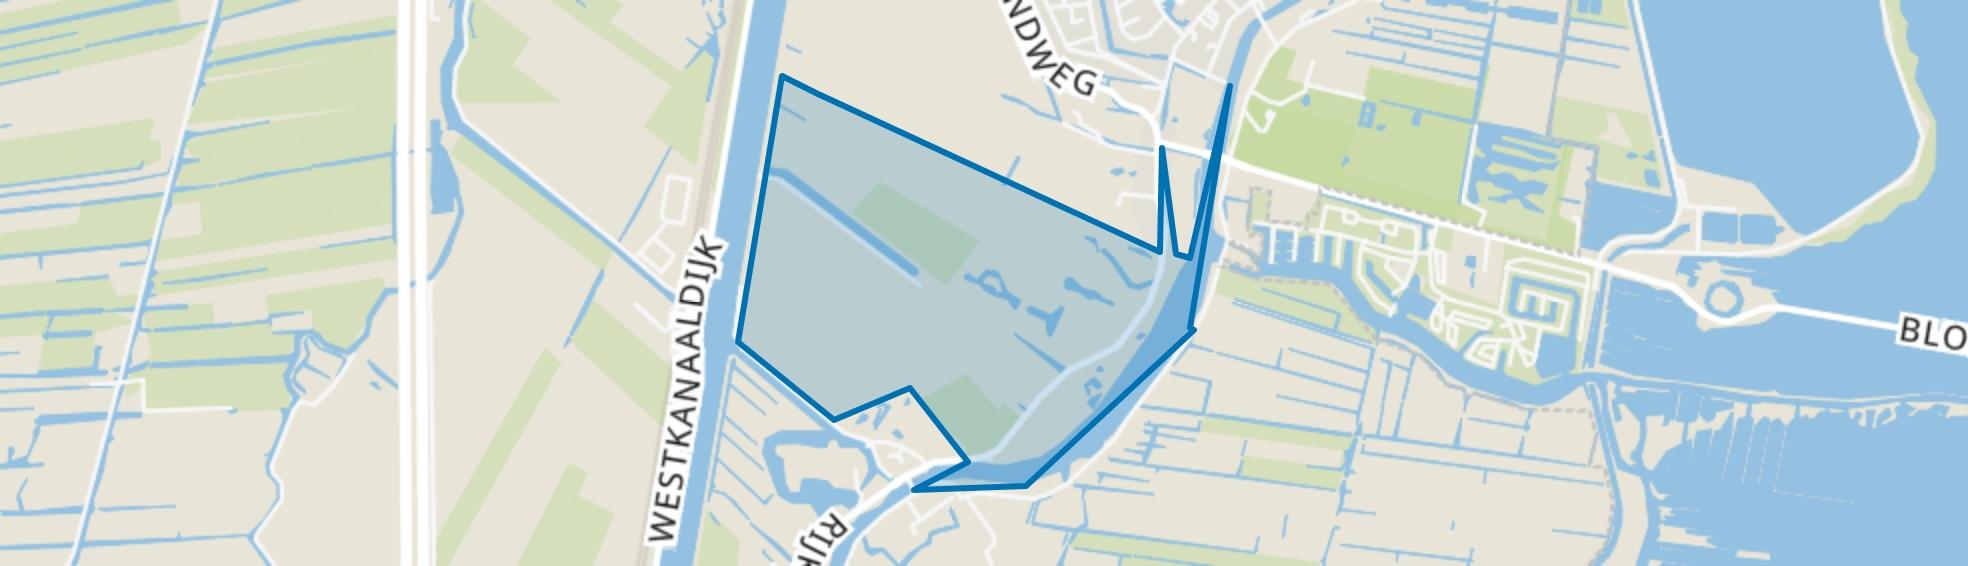 Polder Sticht, Nieuwersluis map